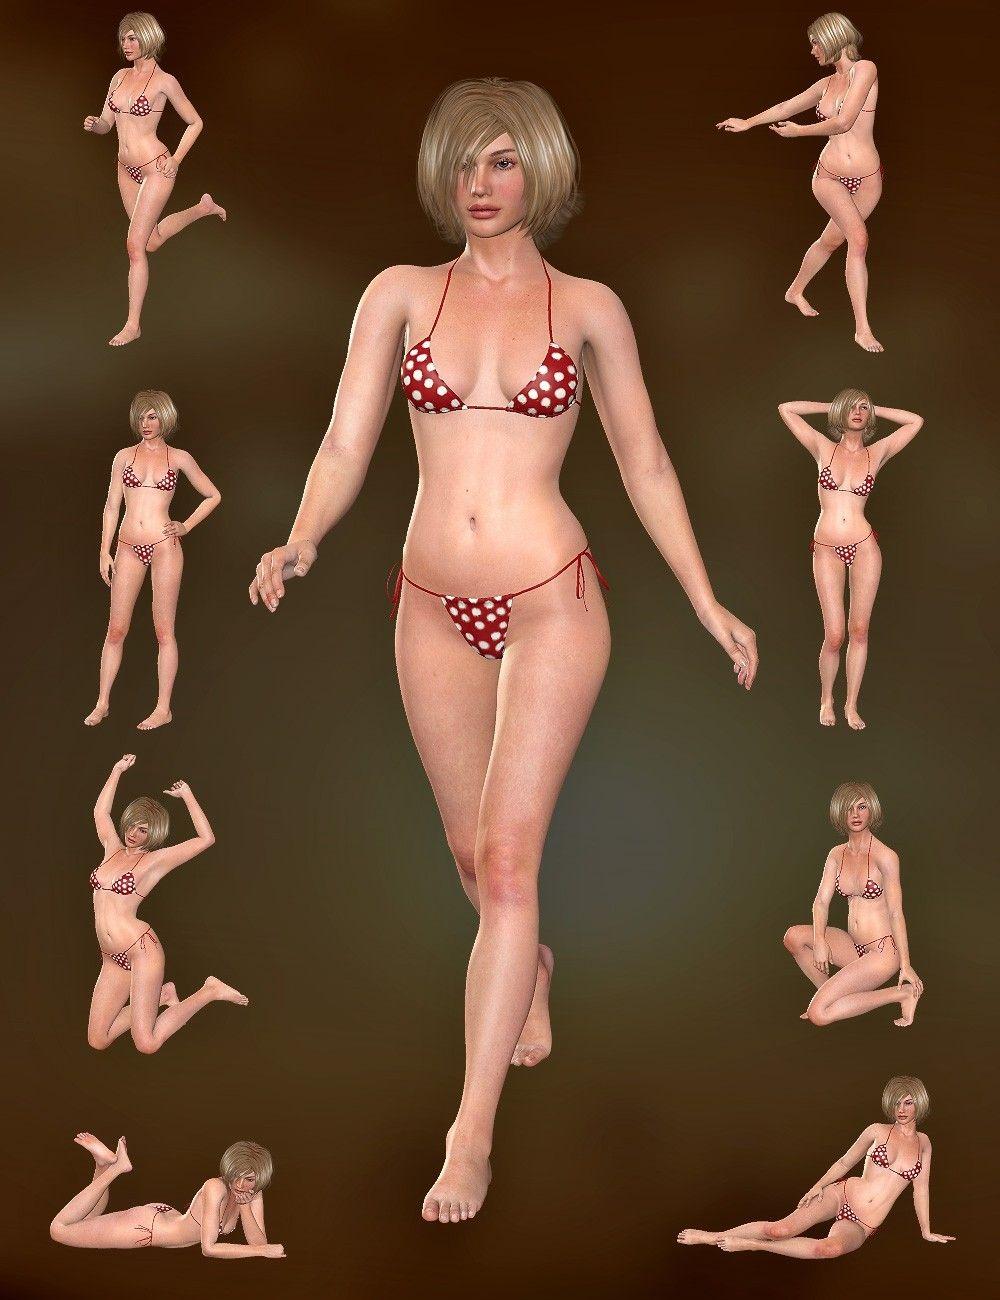 breast pics Ultimate